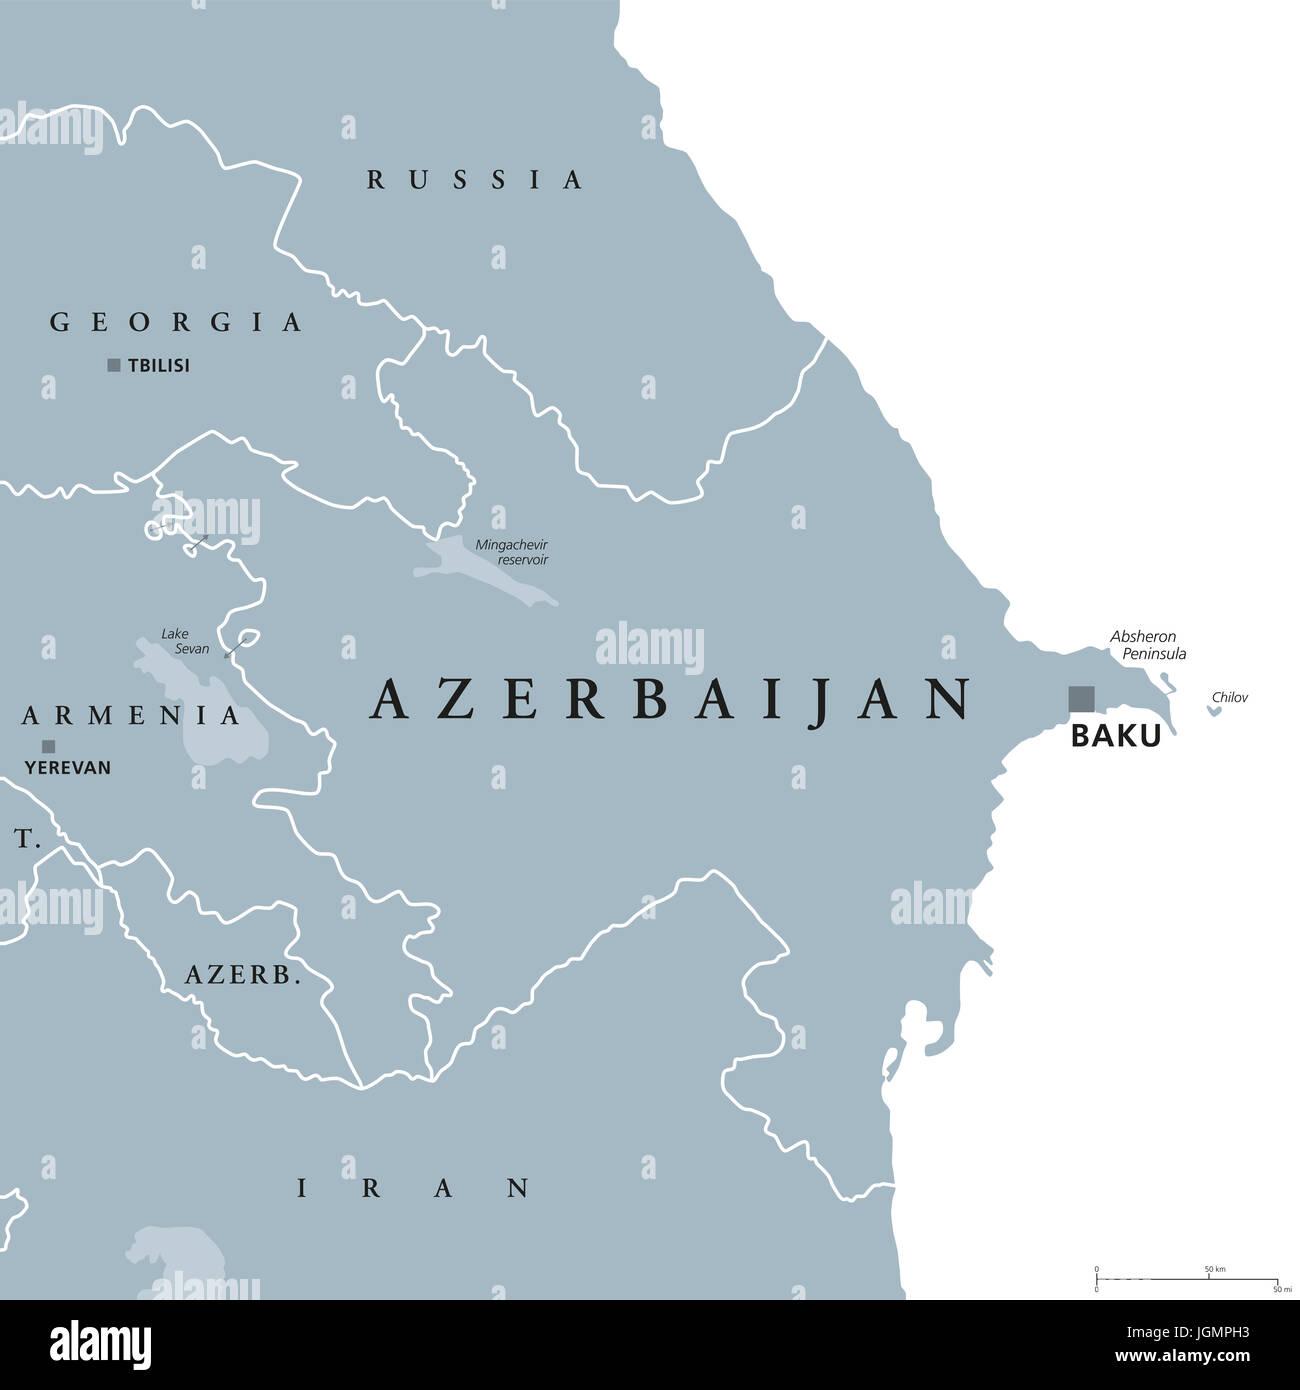 Aserbaidschan Politische Karte Mit Hauptstadt Baku Und Exklave Nachitschewan Republik Und Land Und Im Sud Kaukasus Region Vom Kaspischen Meer Gebunden Stockfotografie Alamy